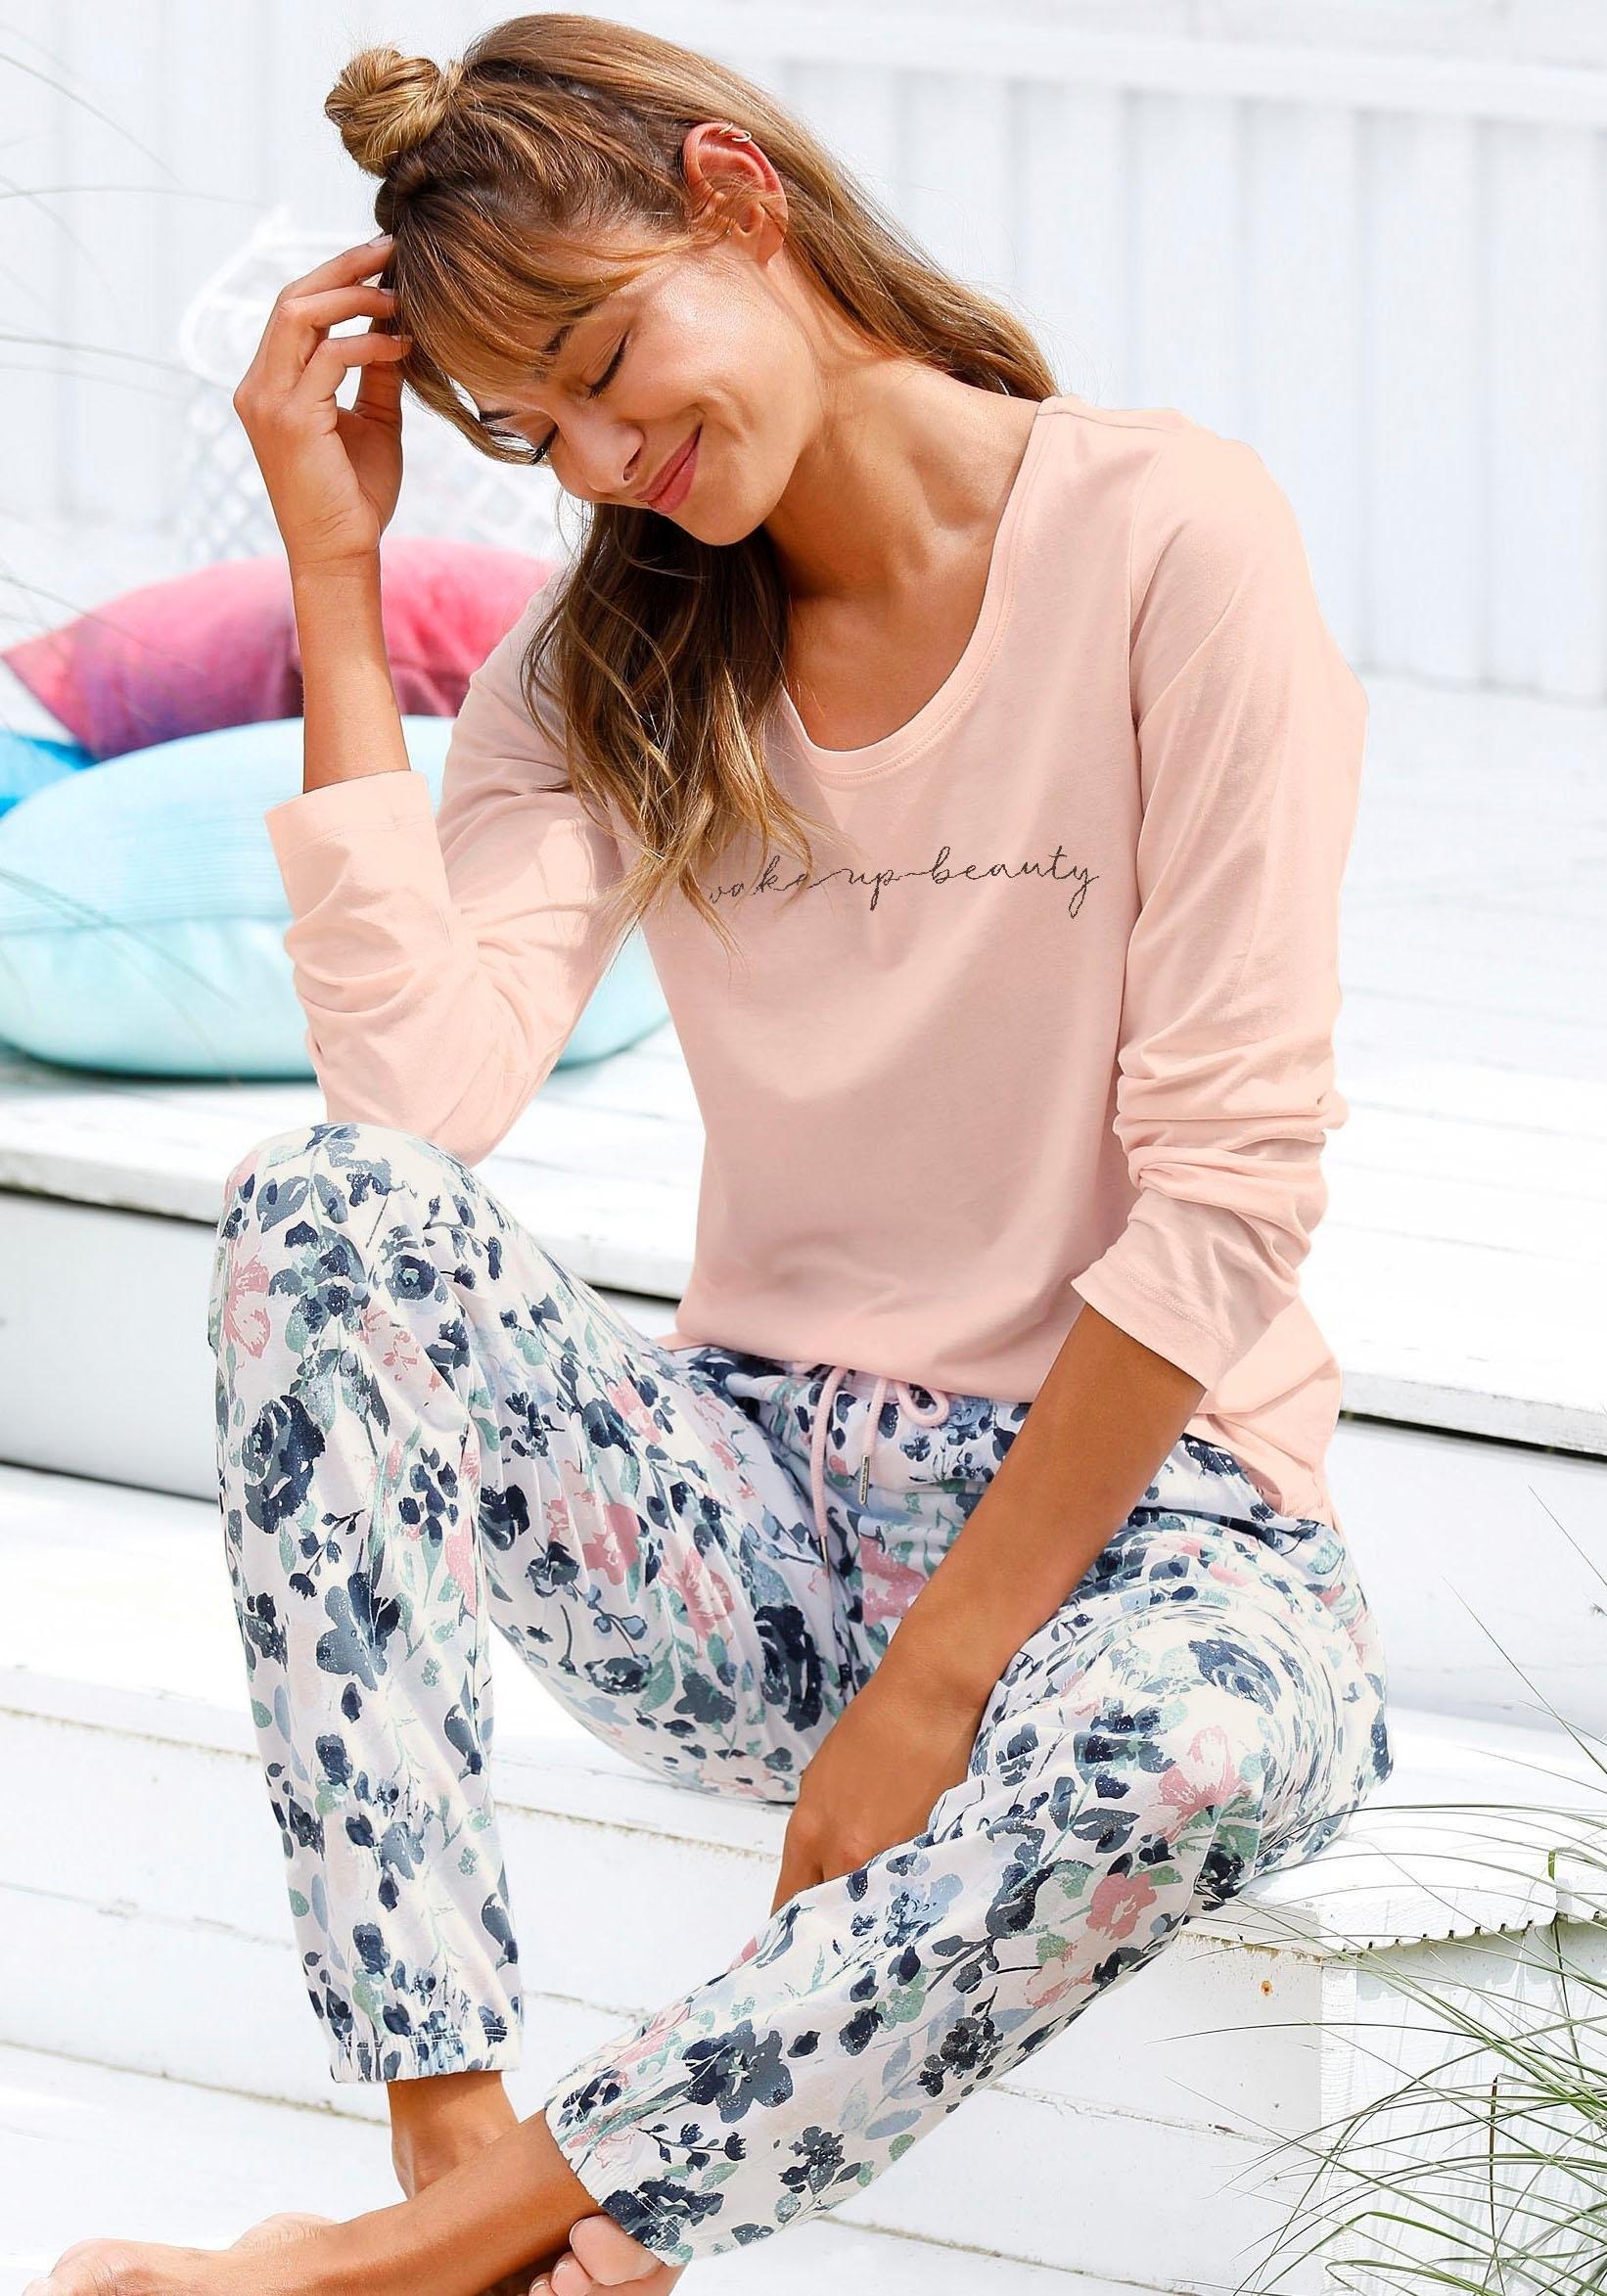 Vivance Dreams pyjama met bloemmotief in aquarel-look nu online kopen bij Lascana